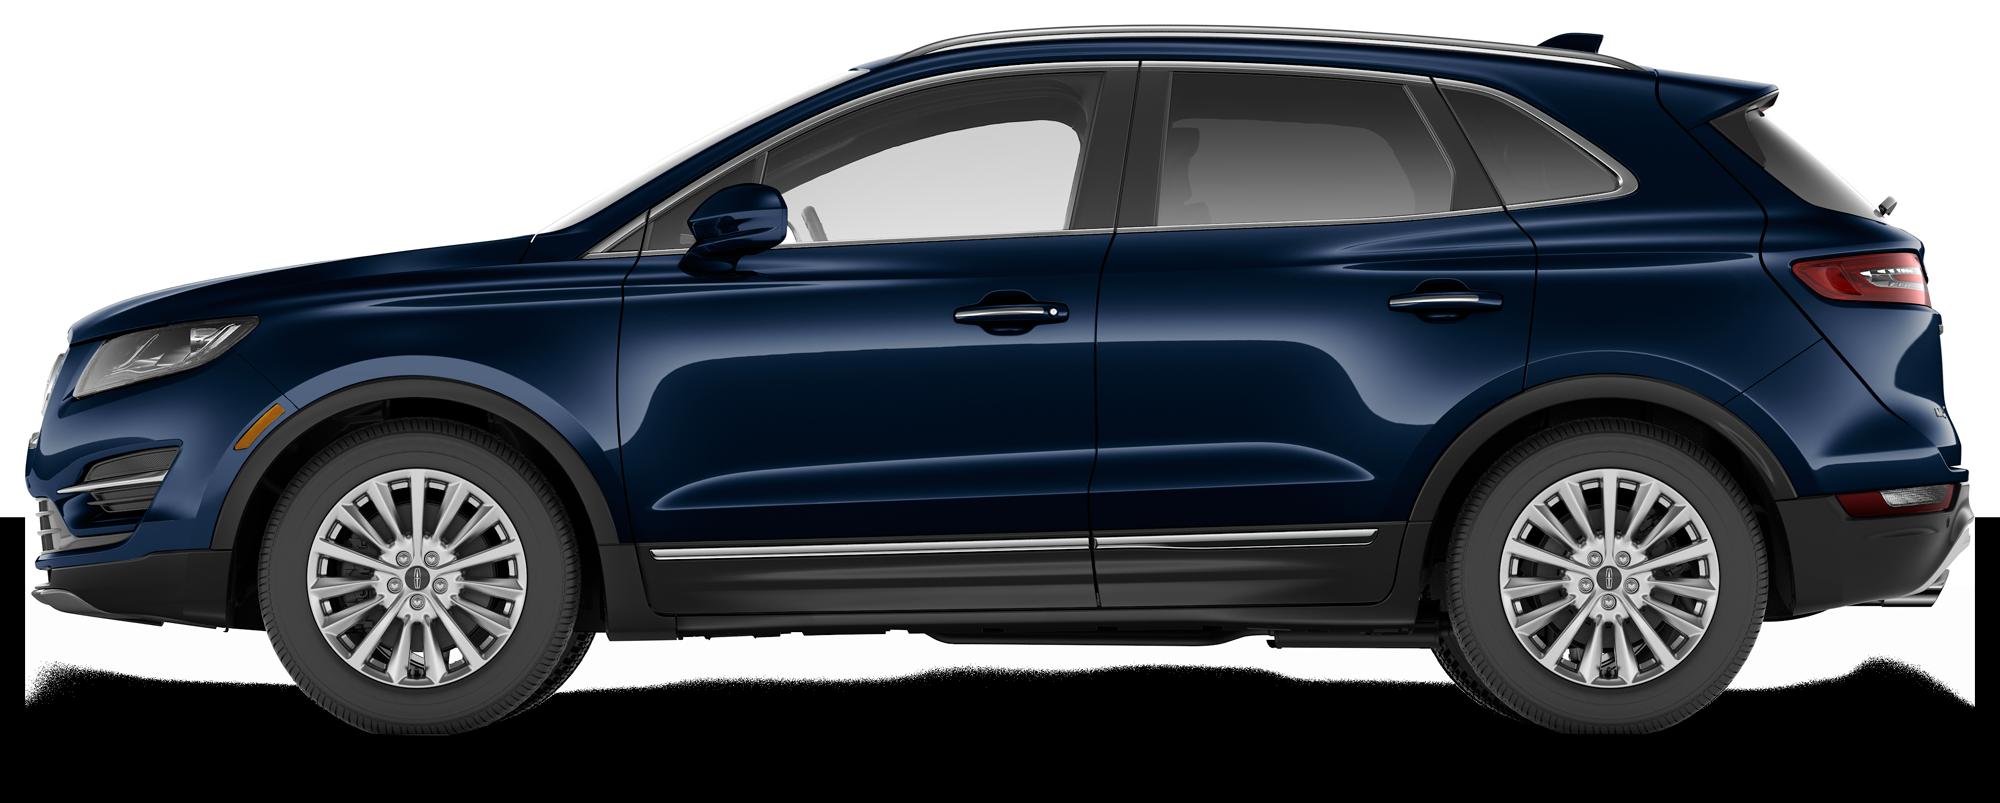 2019 Lincoln MKC SUV Standard